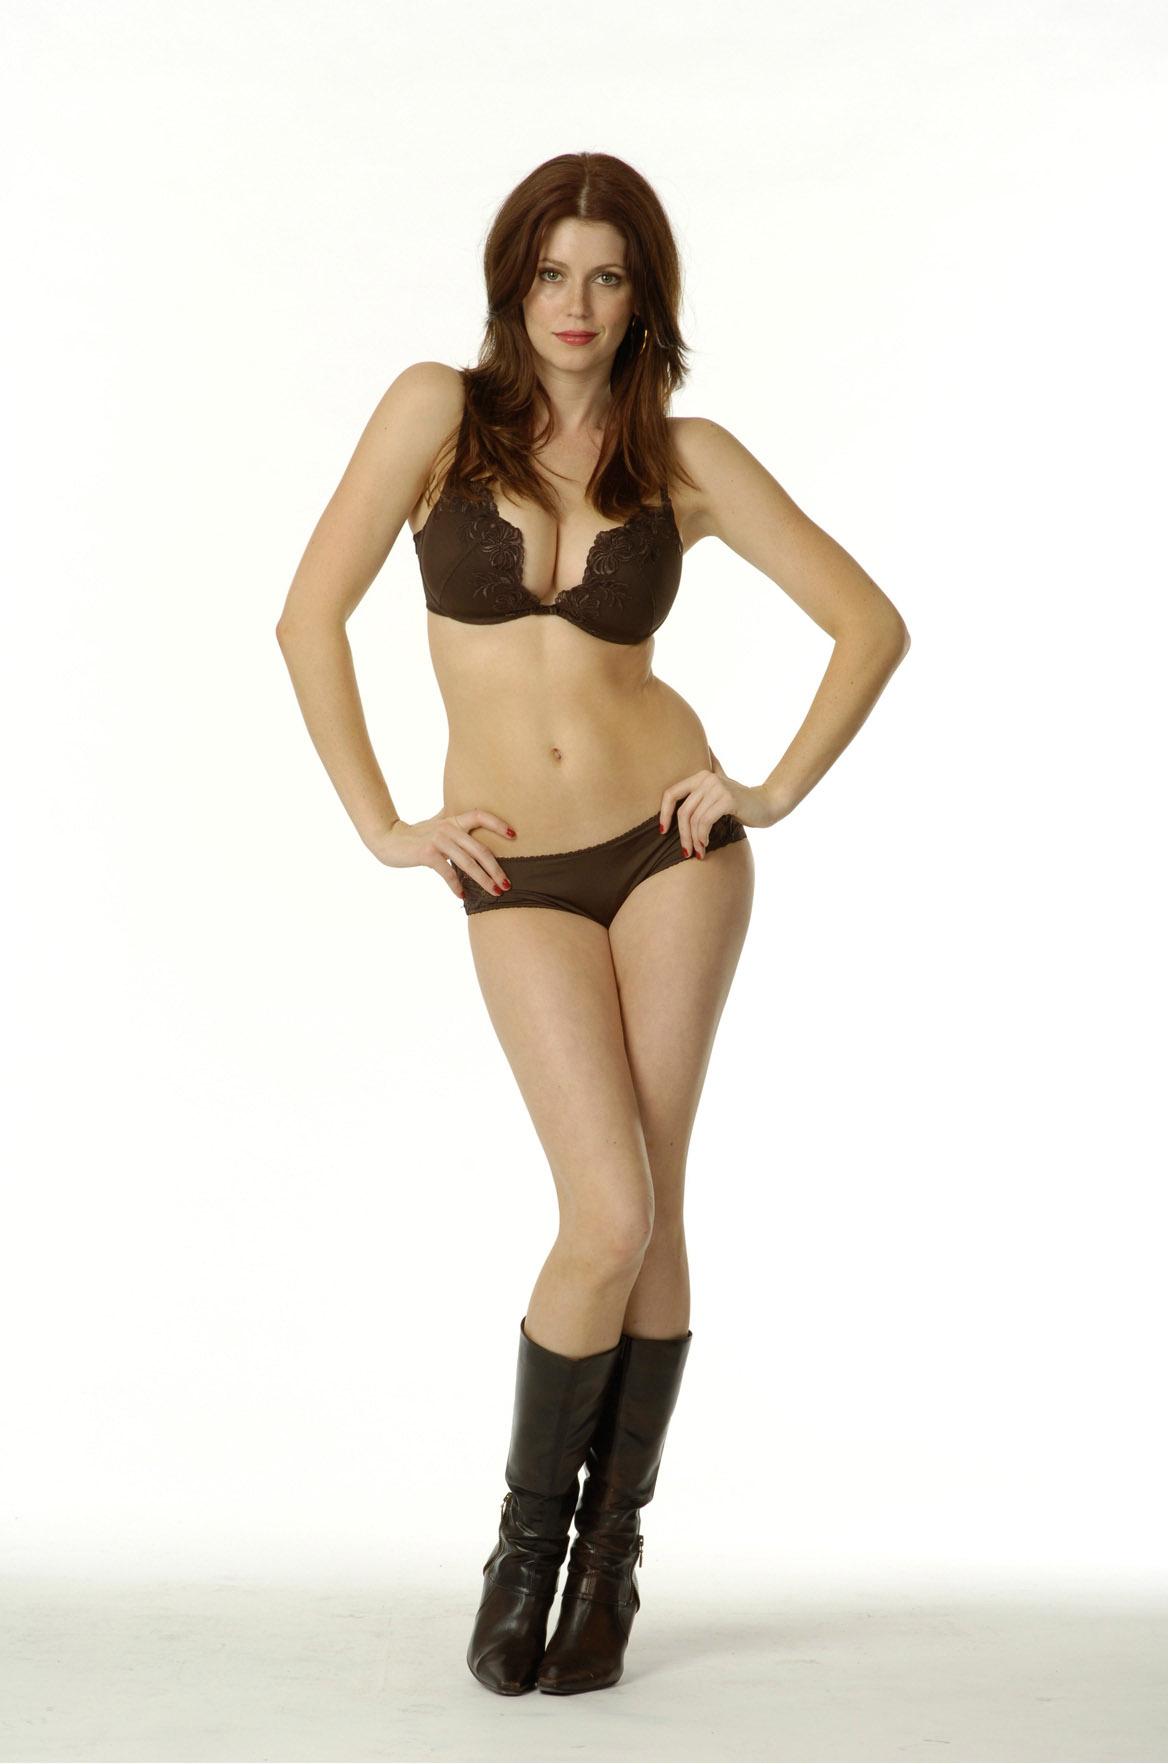 jessica alba hot boobs naked